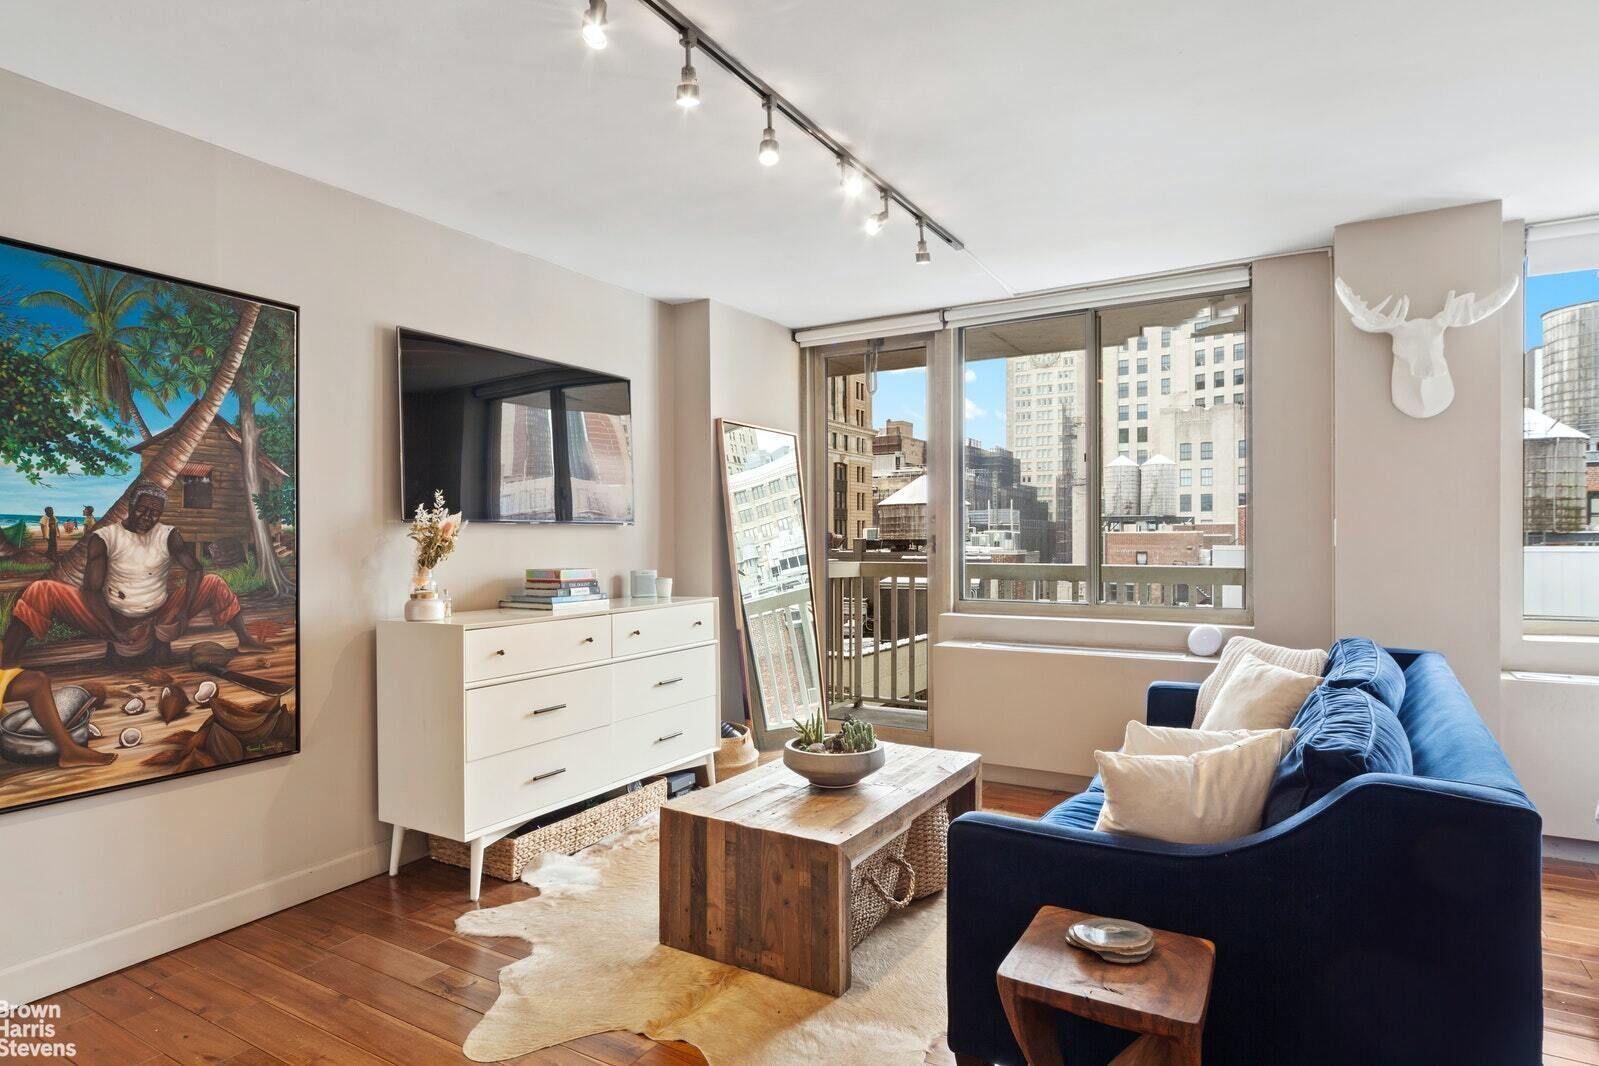 Apartment for sale at 50 Lexington Avenue, Apt 20B